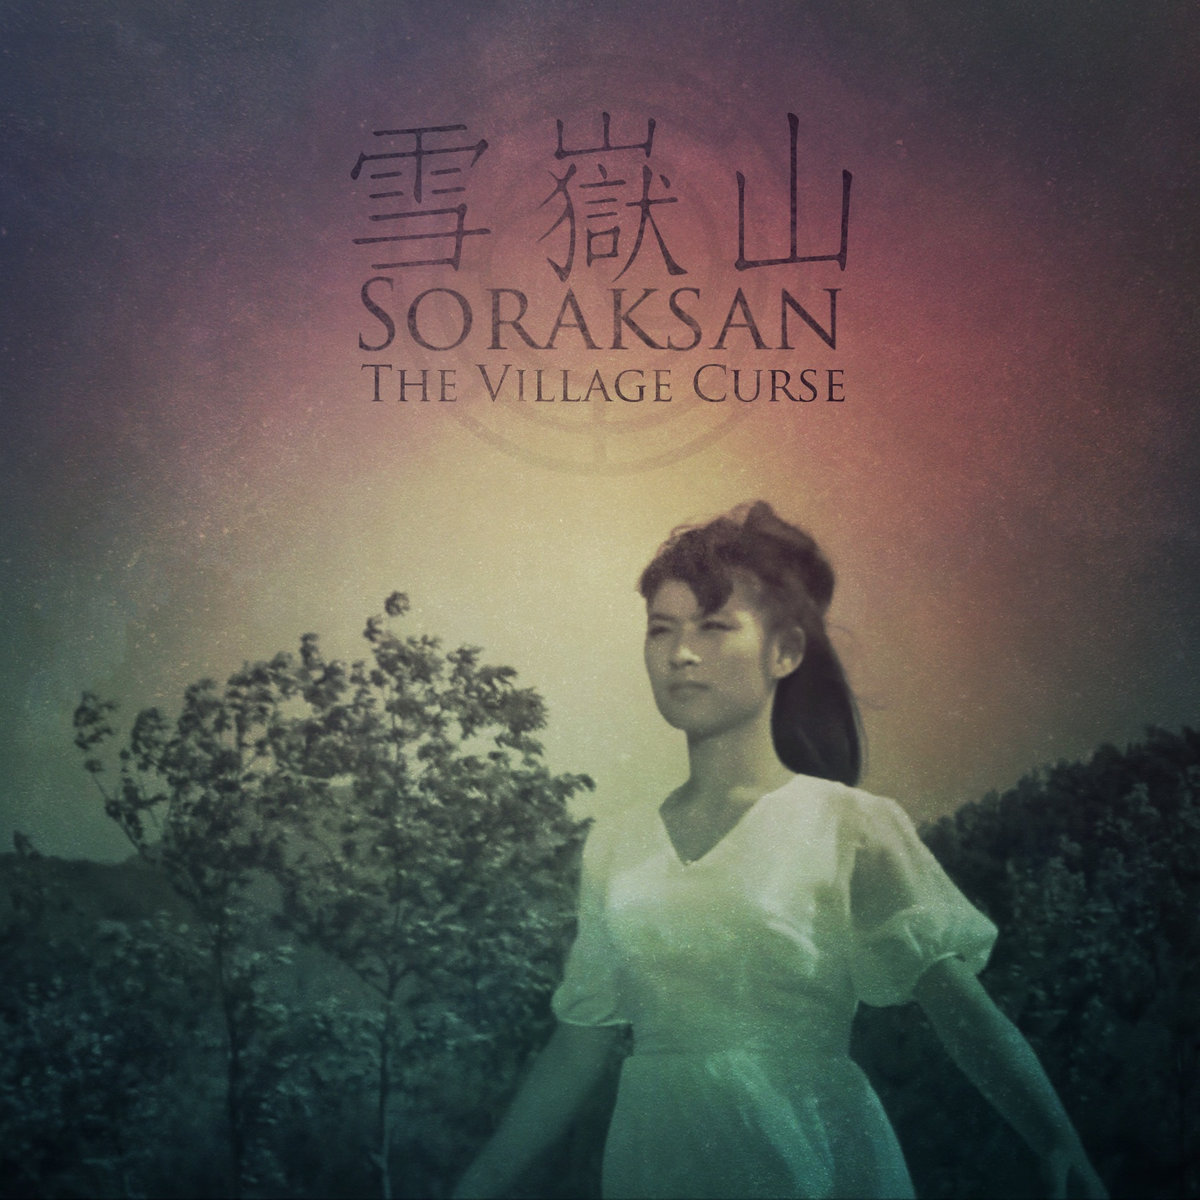 Soraksan – Chapter 1: The Village Curse